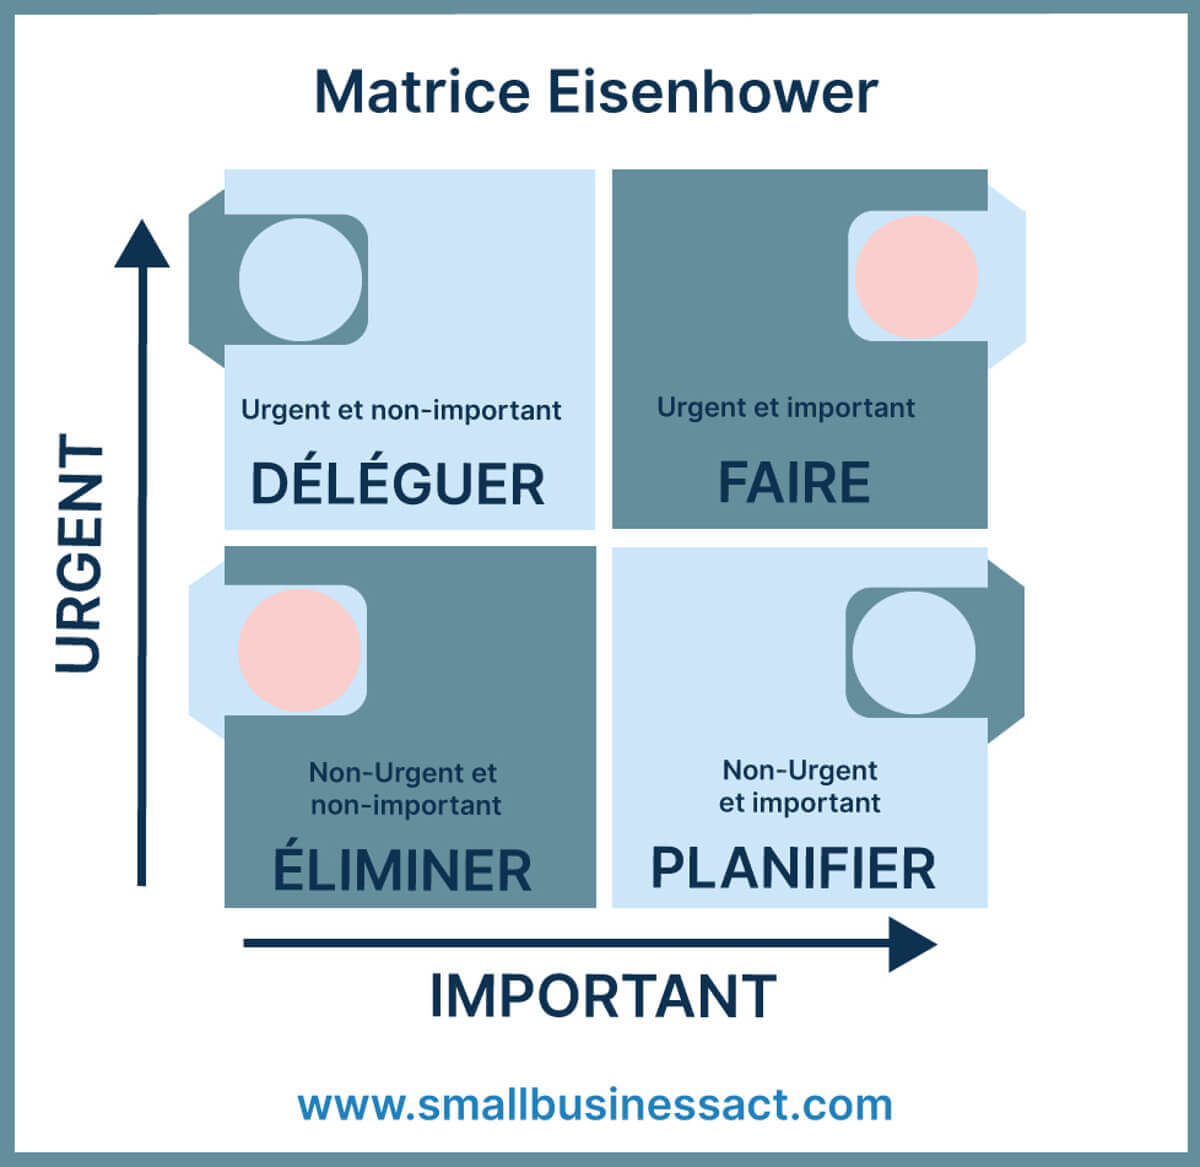 Comment bien gérer une équipe à distance – Matrice Eisenhower